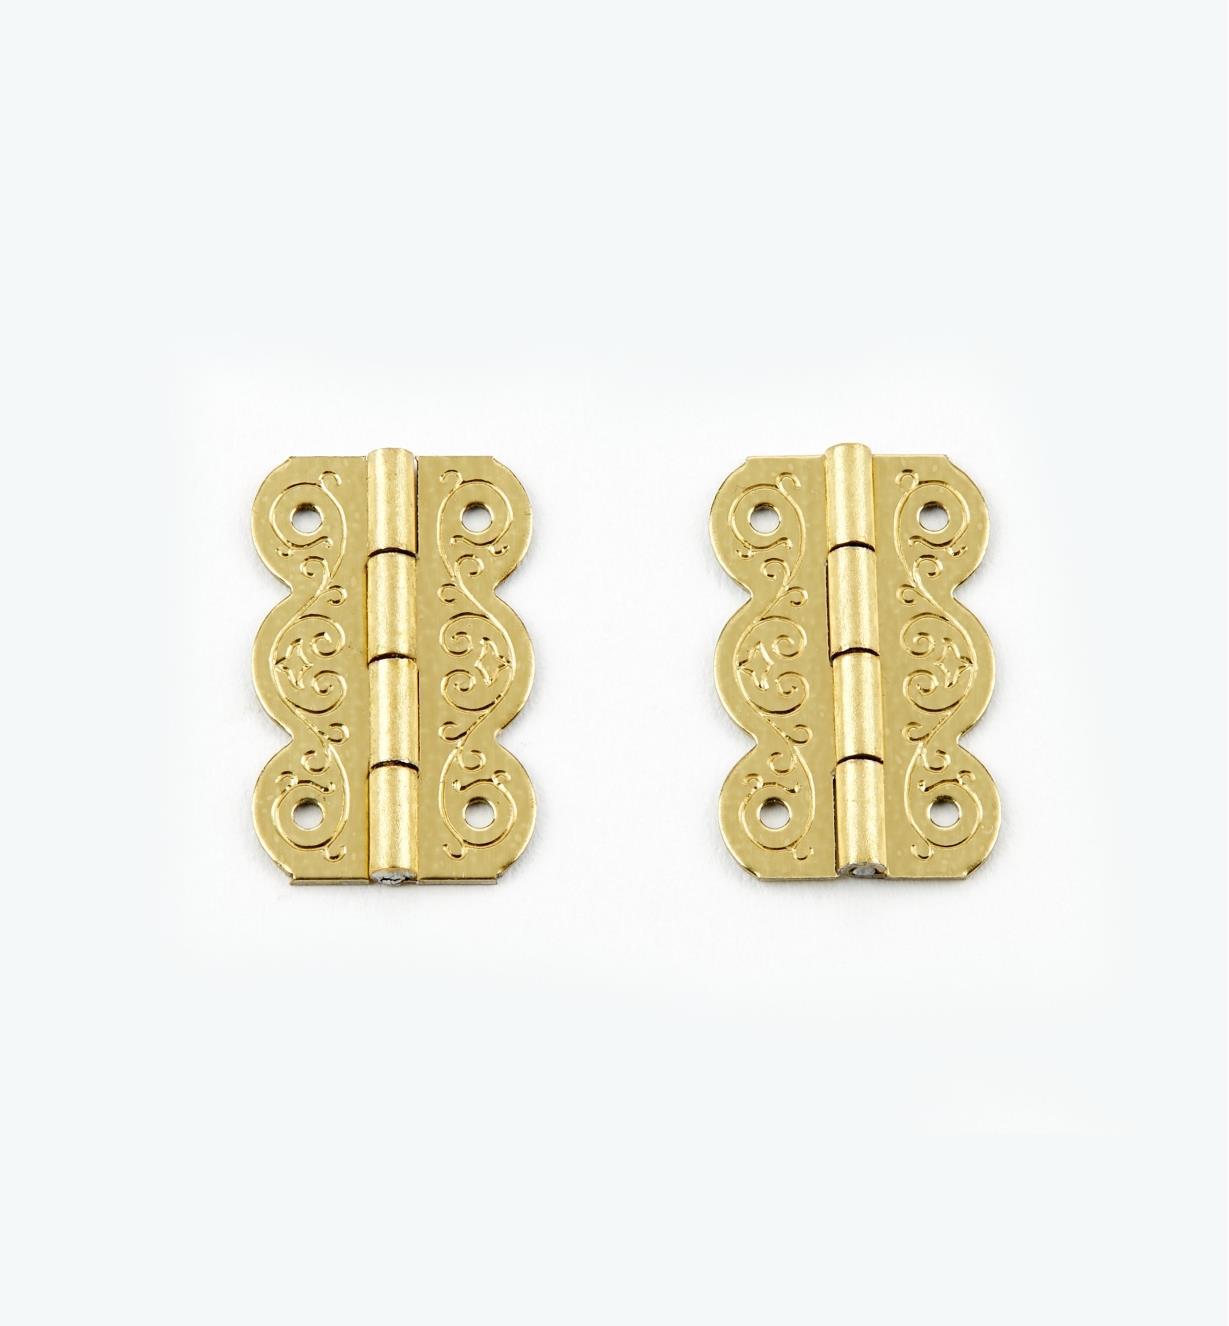 00D3501 - 20mm x 13mm FiligreeHinges, pr.